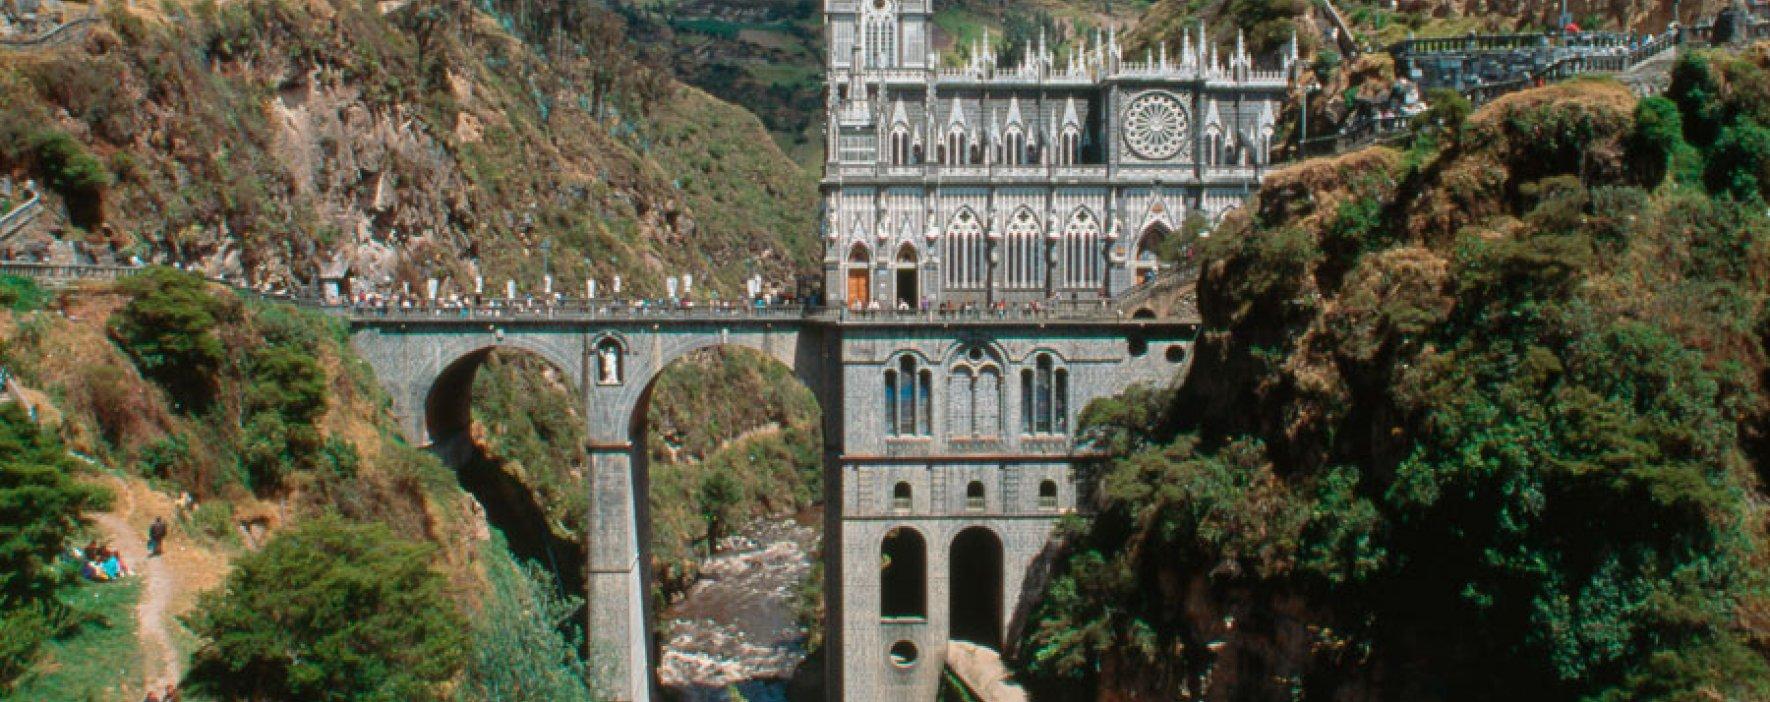 Obras arquitectónicas en Colombia que debe conocer